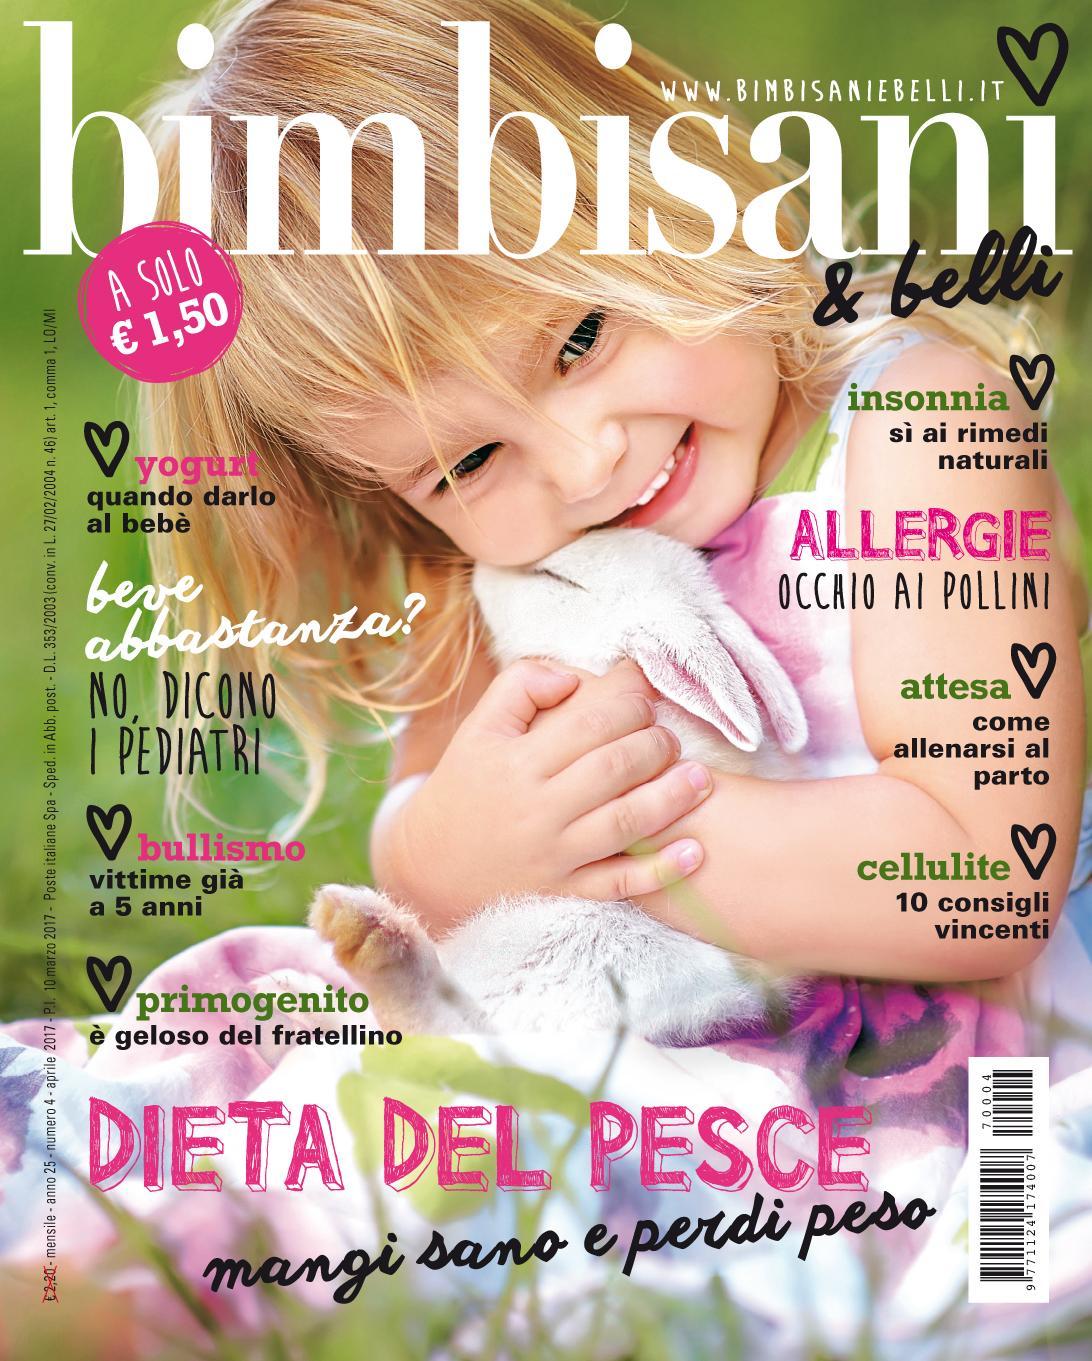 In edicola dal 10 Marzo il nuovo numero di Bimbisani & belli di Aprile